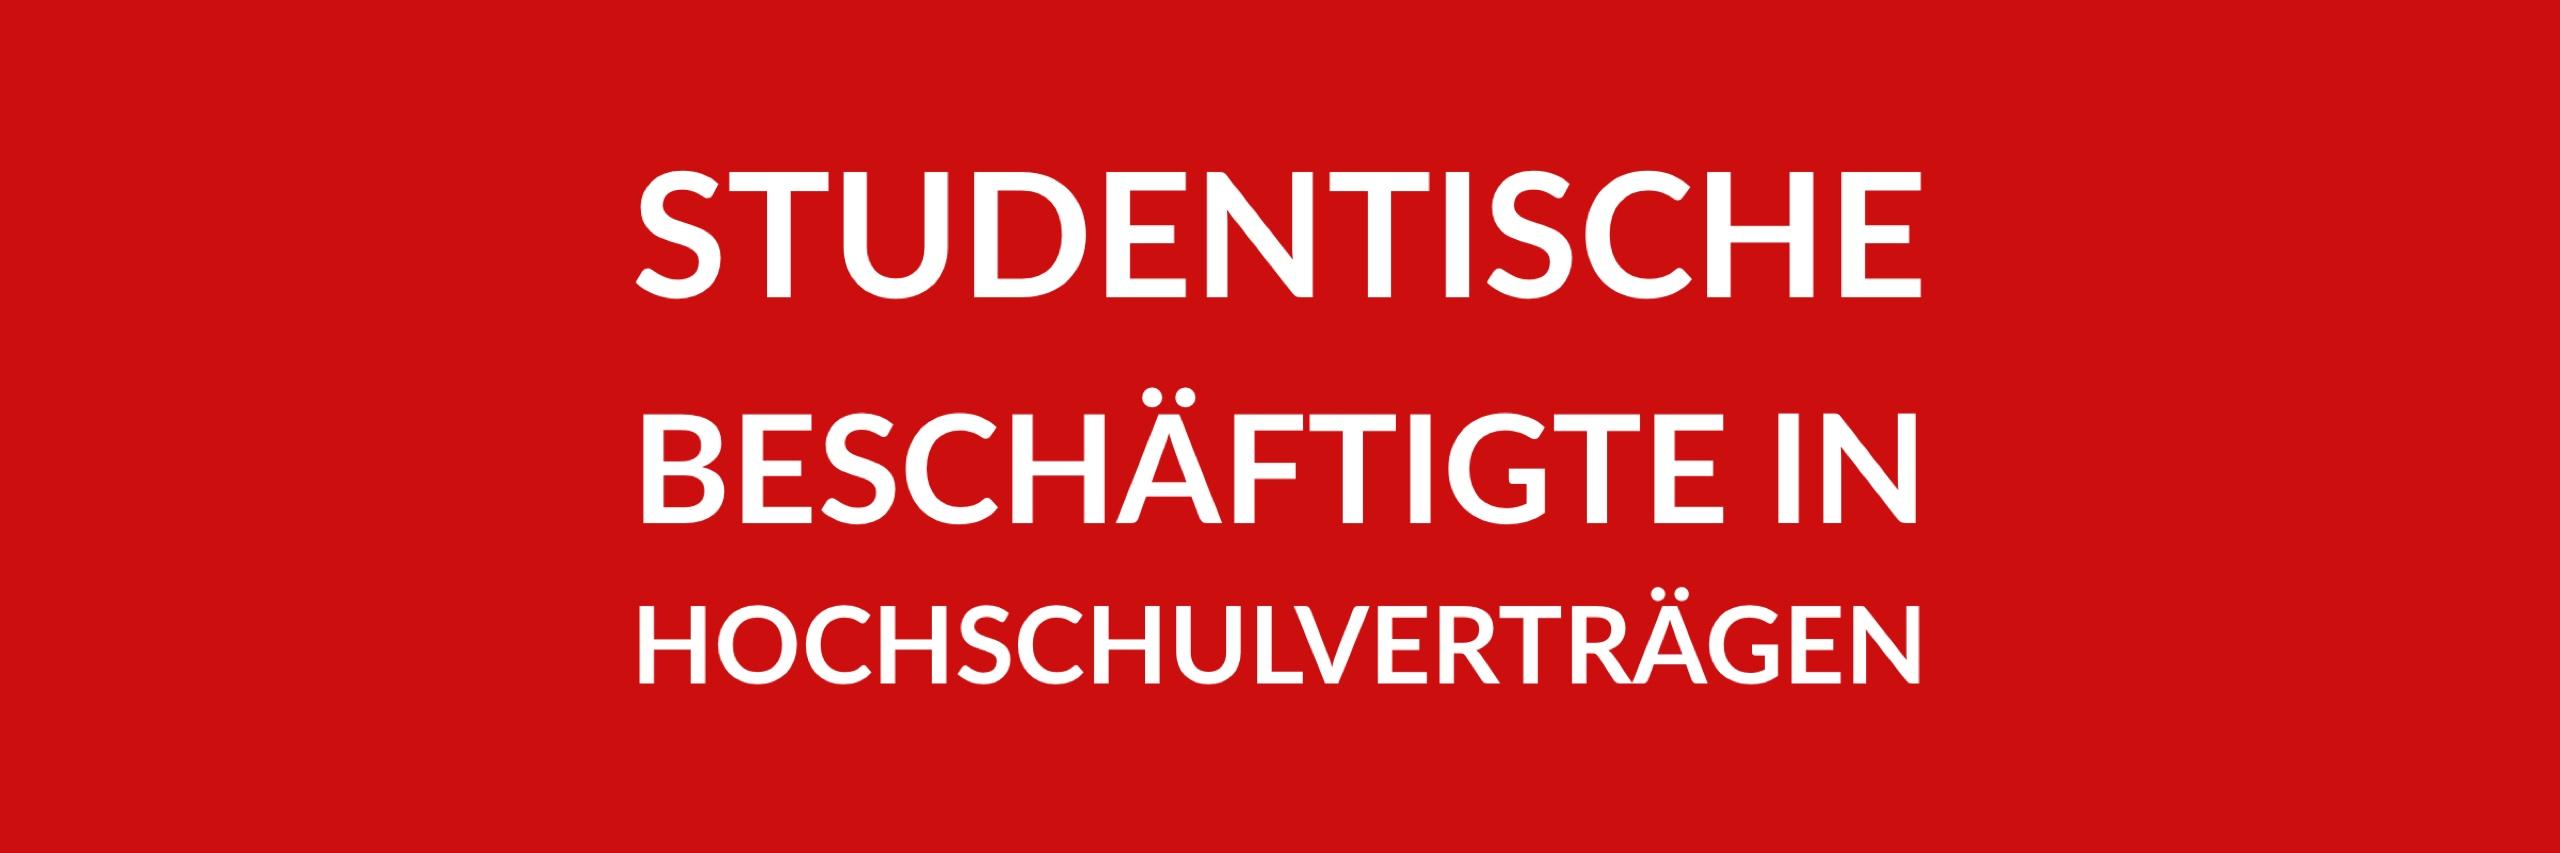 Anfrage 'Studentische Beschäftigte in Hochschulverträgen' (PDF)